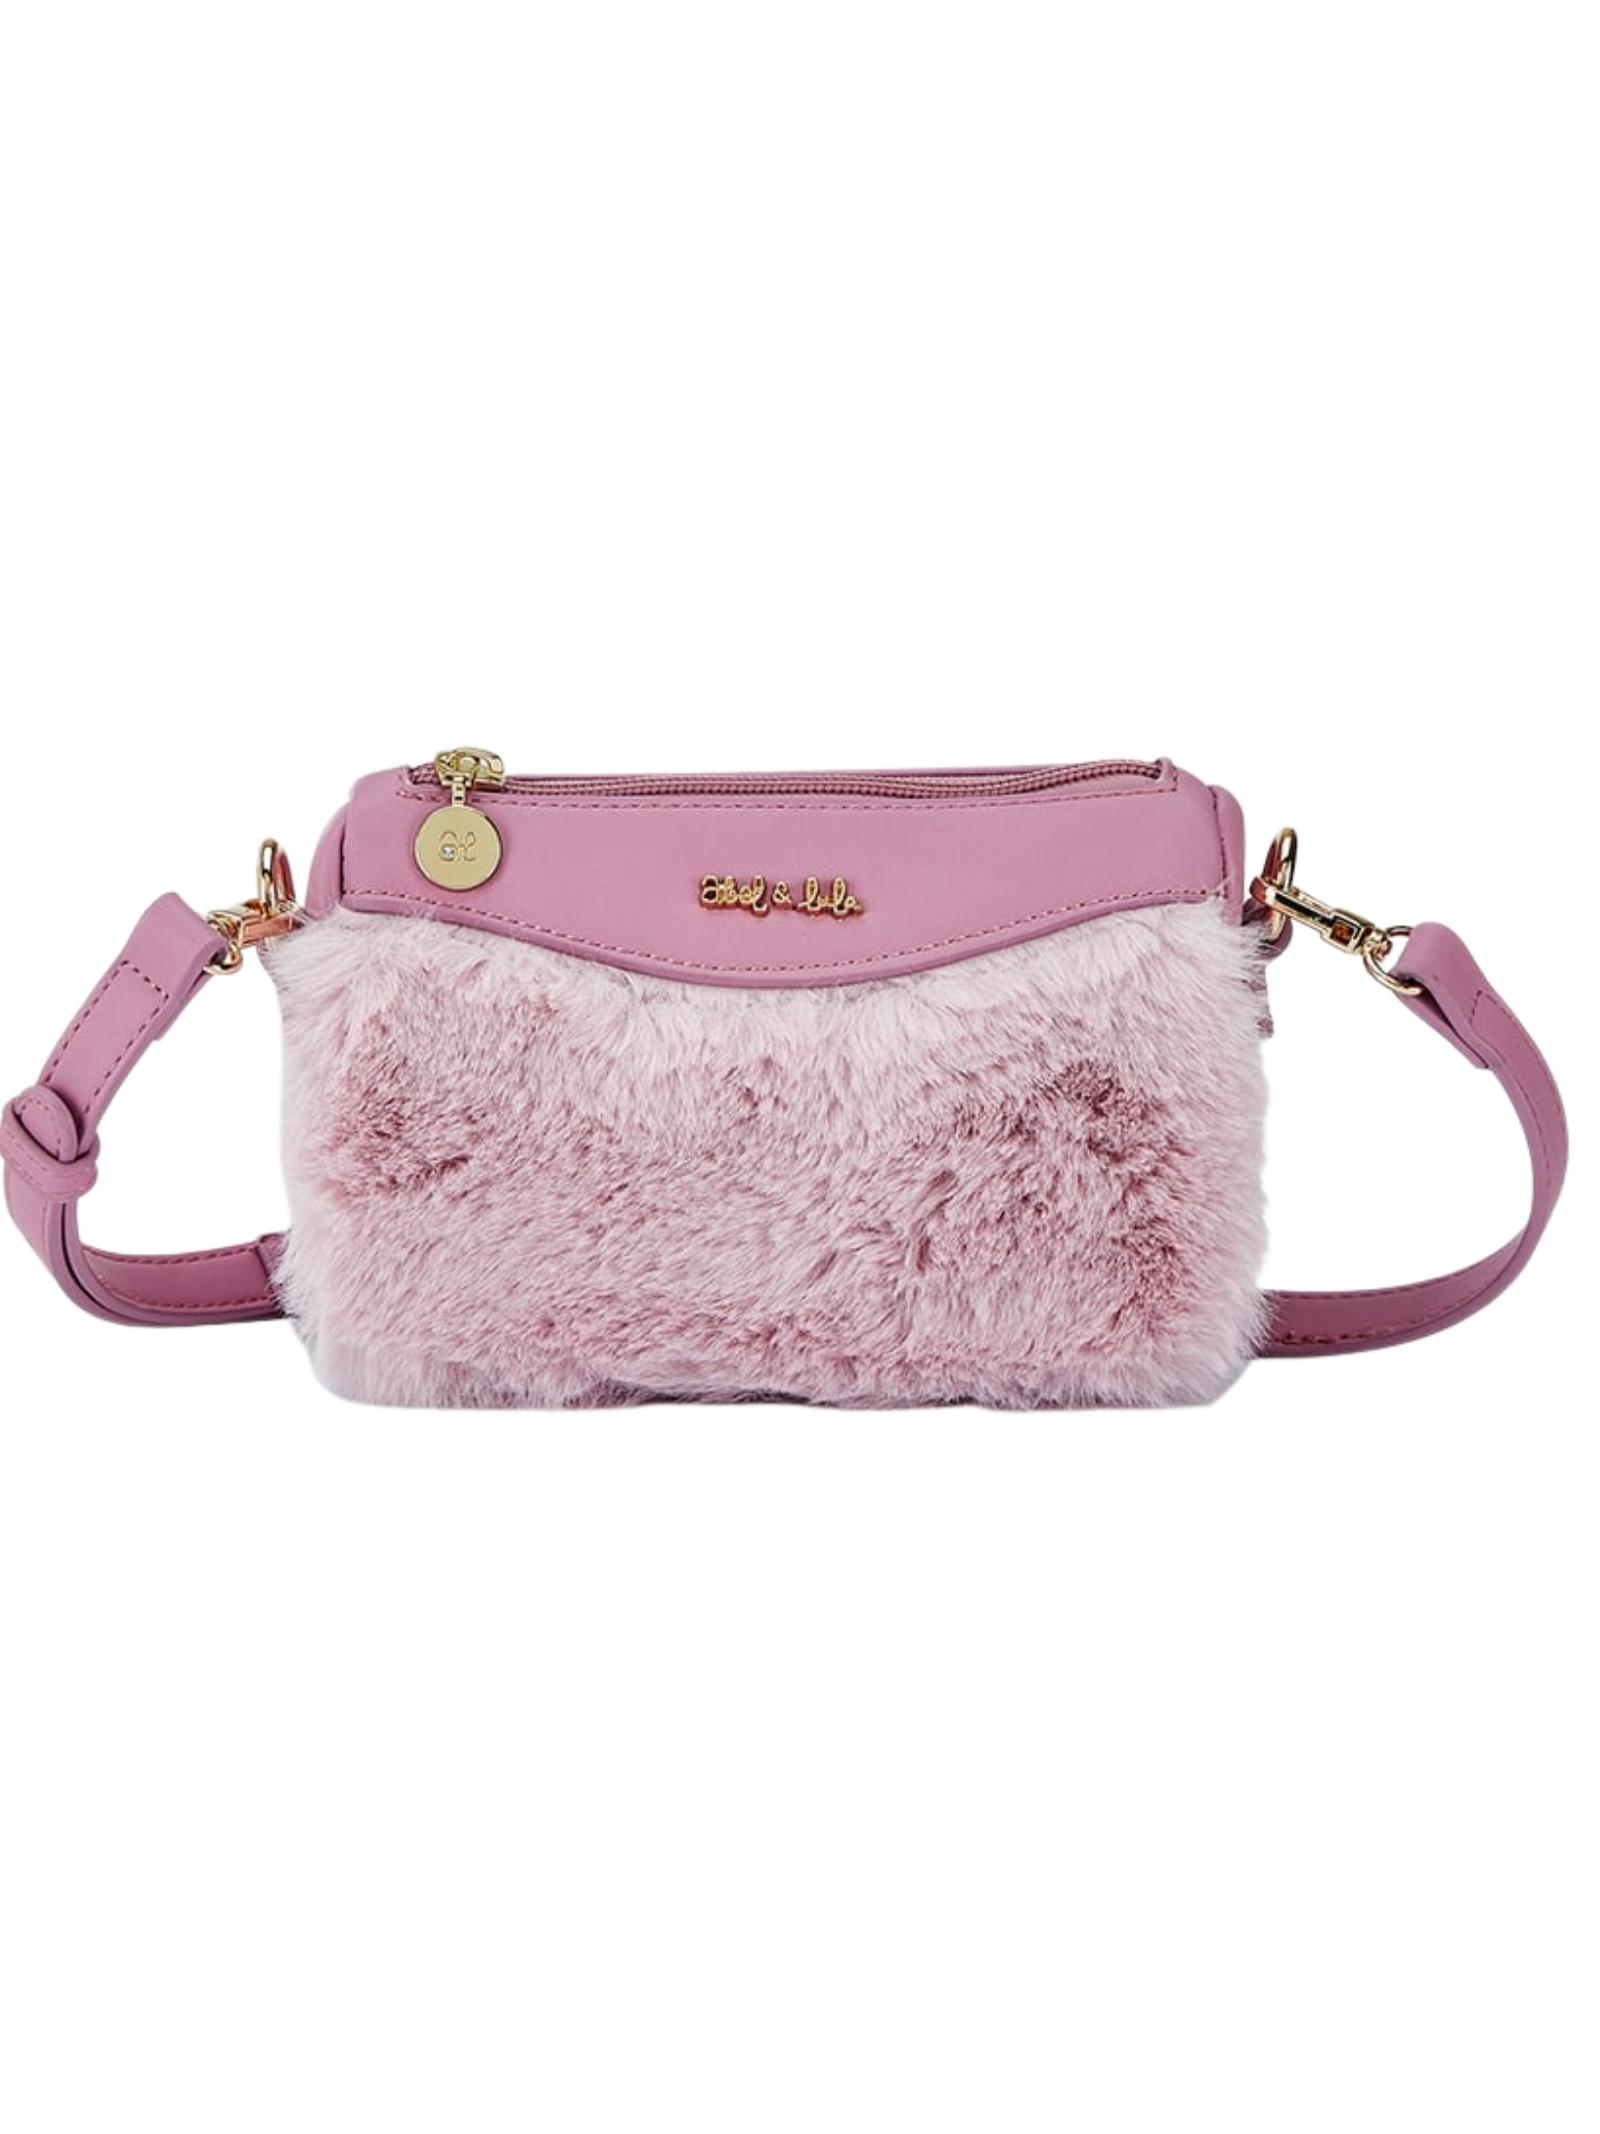 Ecofur Pink Bag ABEL&LULA | bags | 5916065